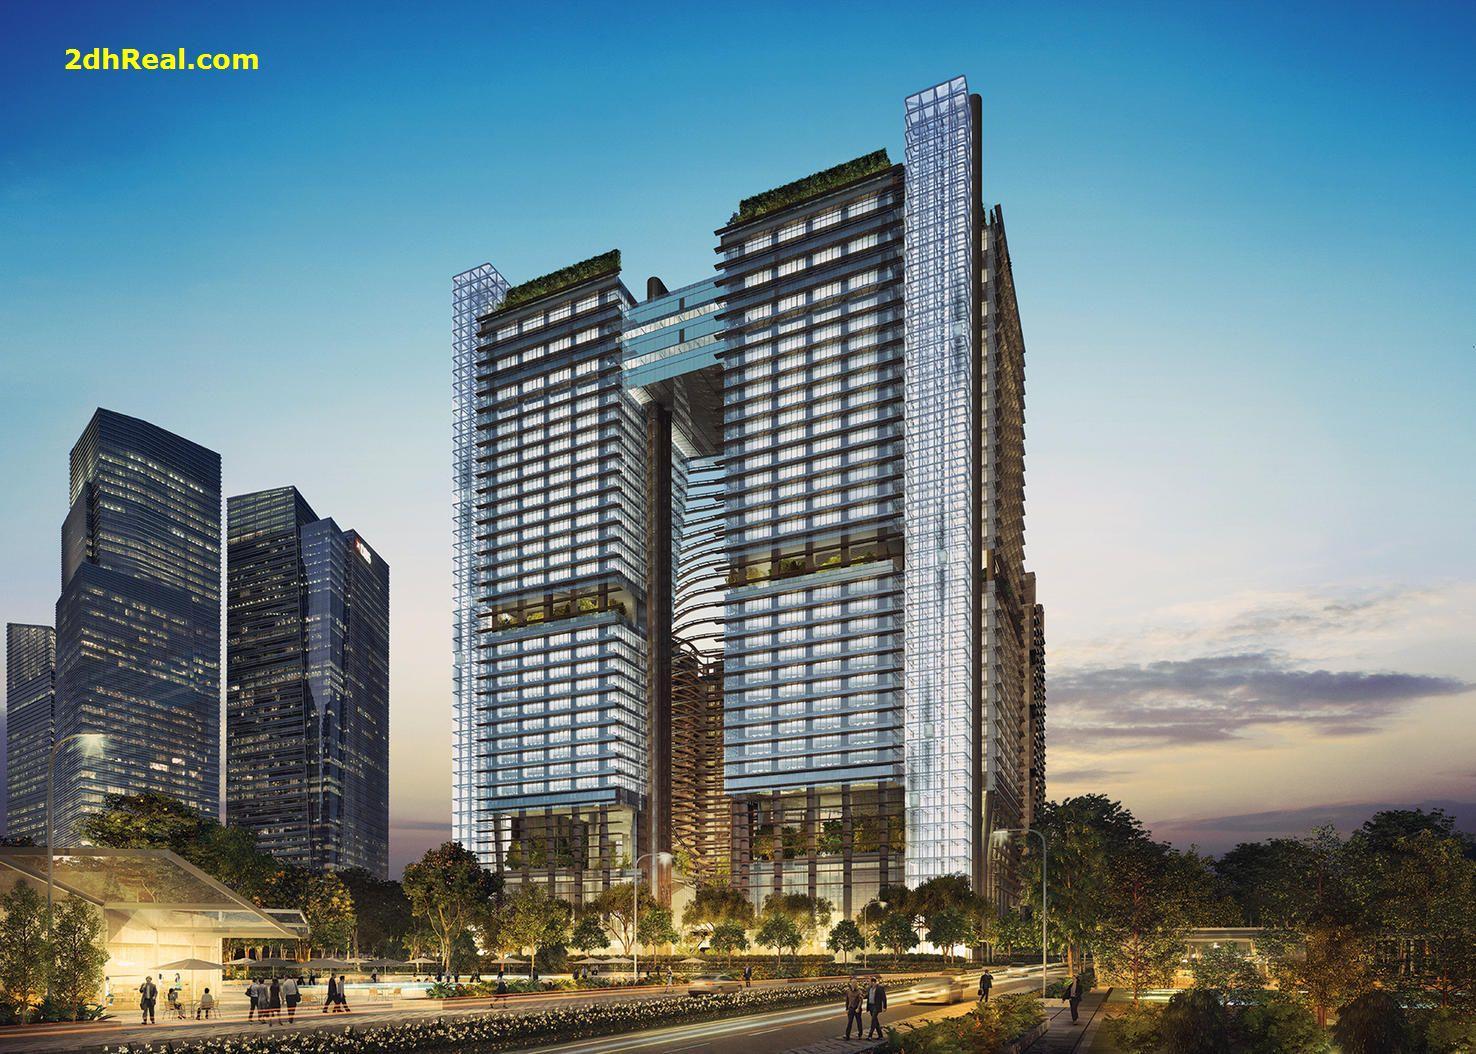 Bán dự án chung cư Bình Dương Center 1 tại đường Trần Phú, phường Chánh Nghĩa, TP Thủ Dầu Một, tỉnh Bình Dương